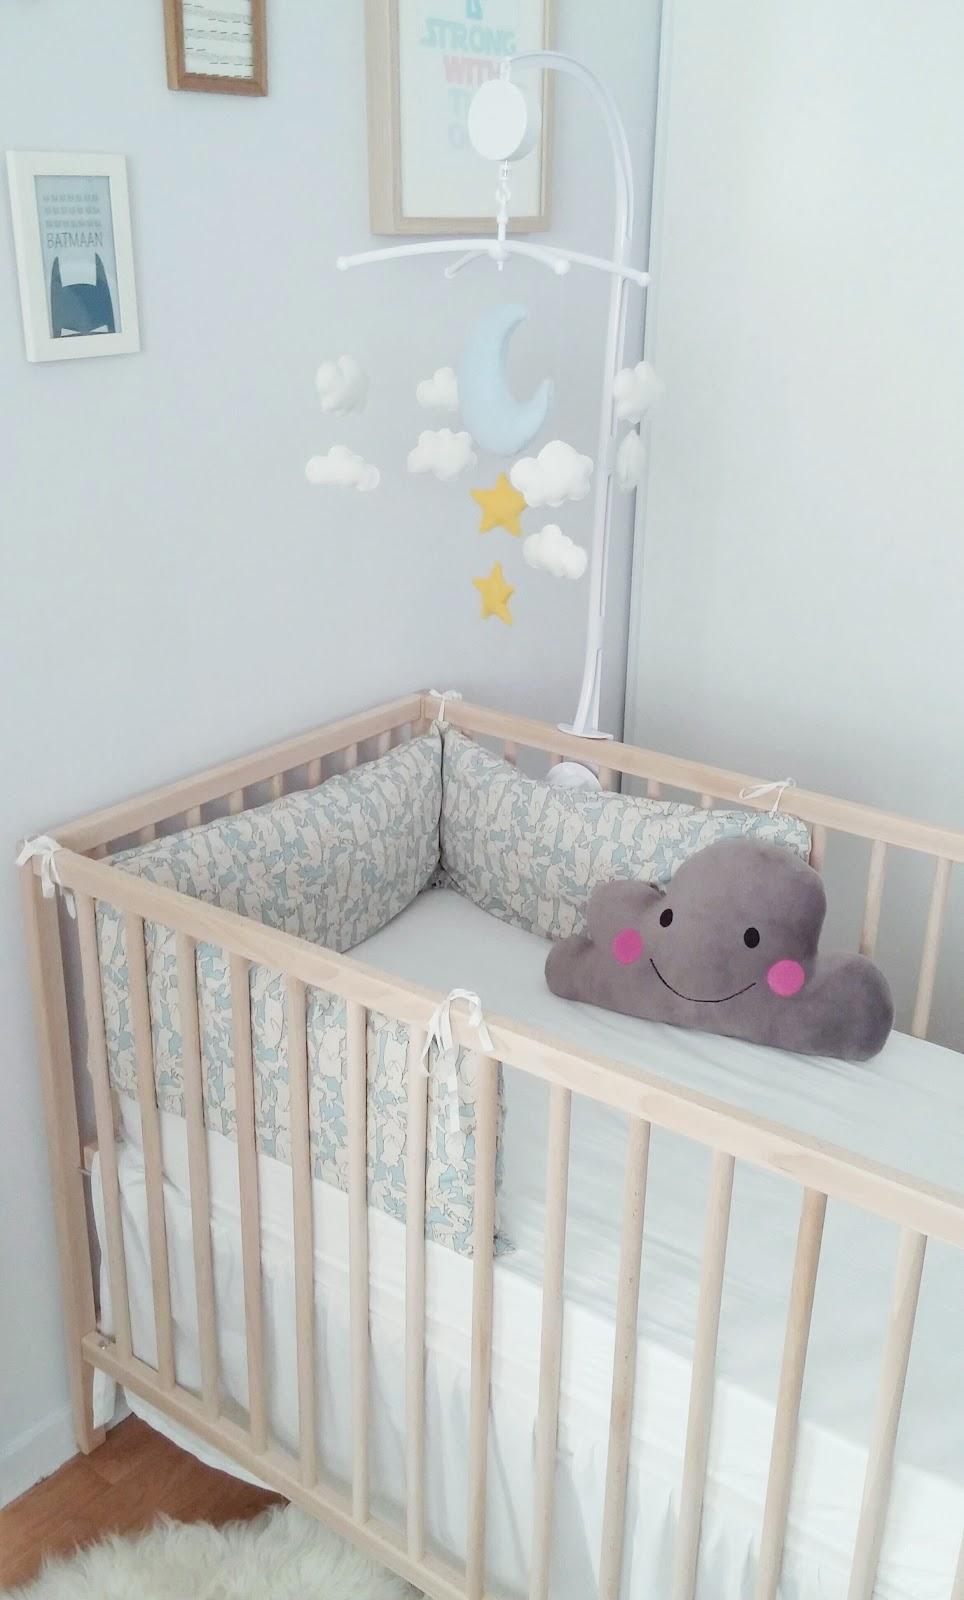 position lit dans une chambre fabulous son lit estil bien dirig il ne doit pas tre dans le. Black Bedroom Furniture Sets. Home Design Ideas